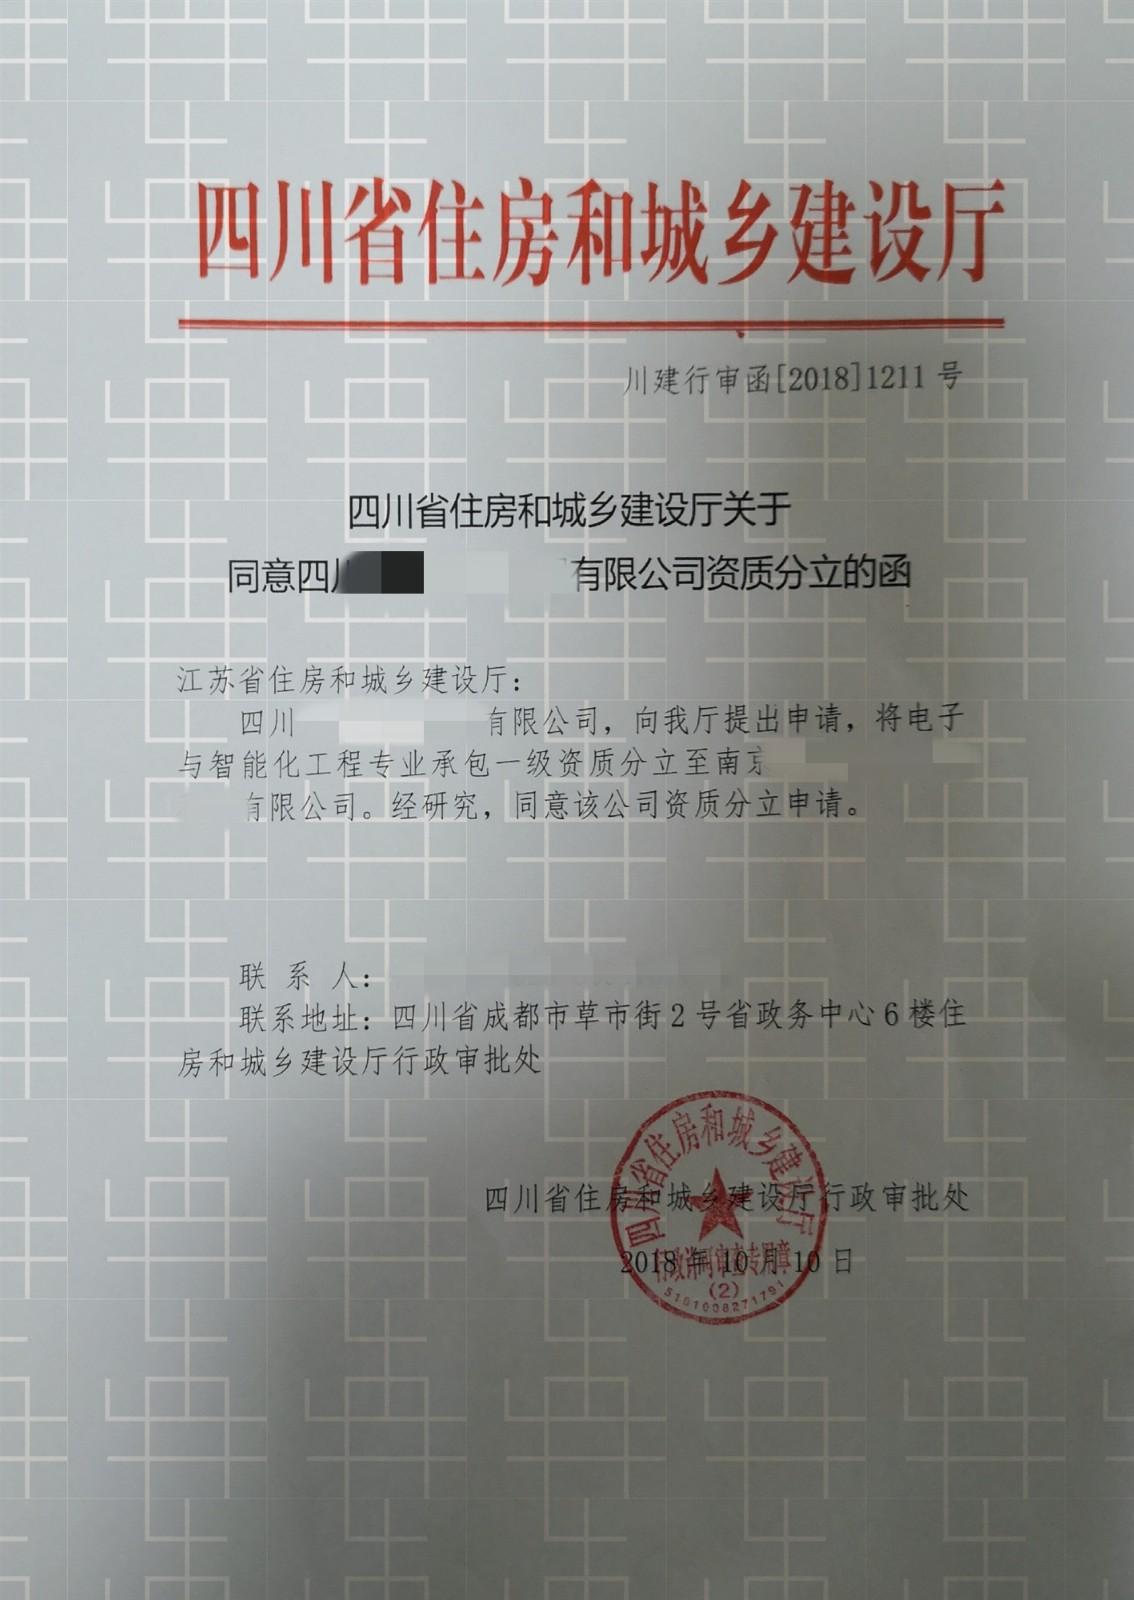 电子智能化一级贝博app下载江苏省